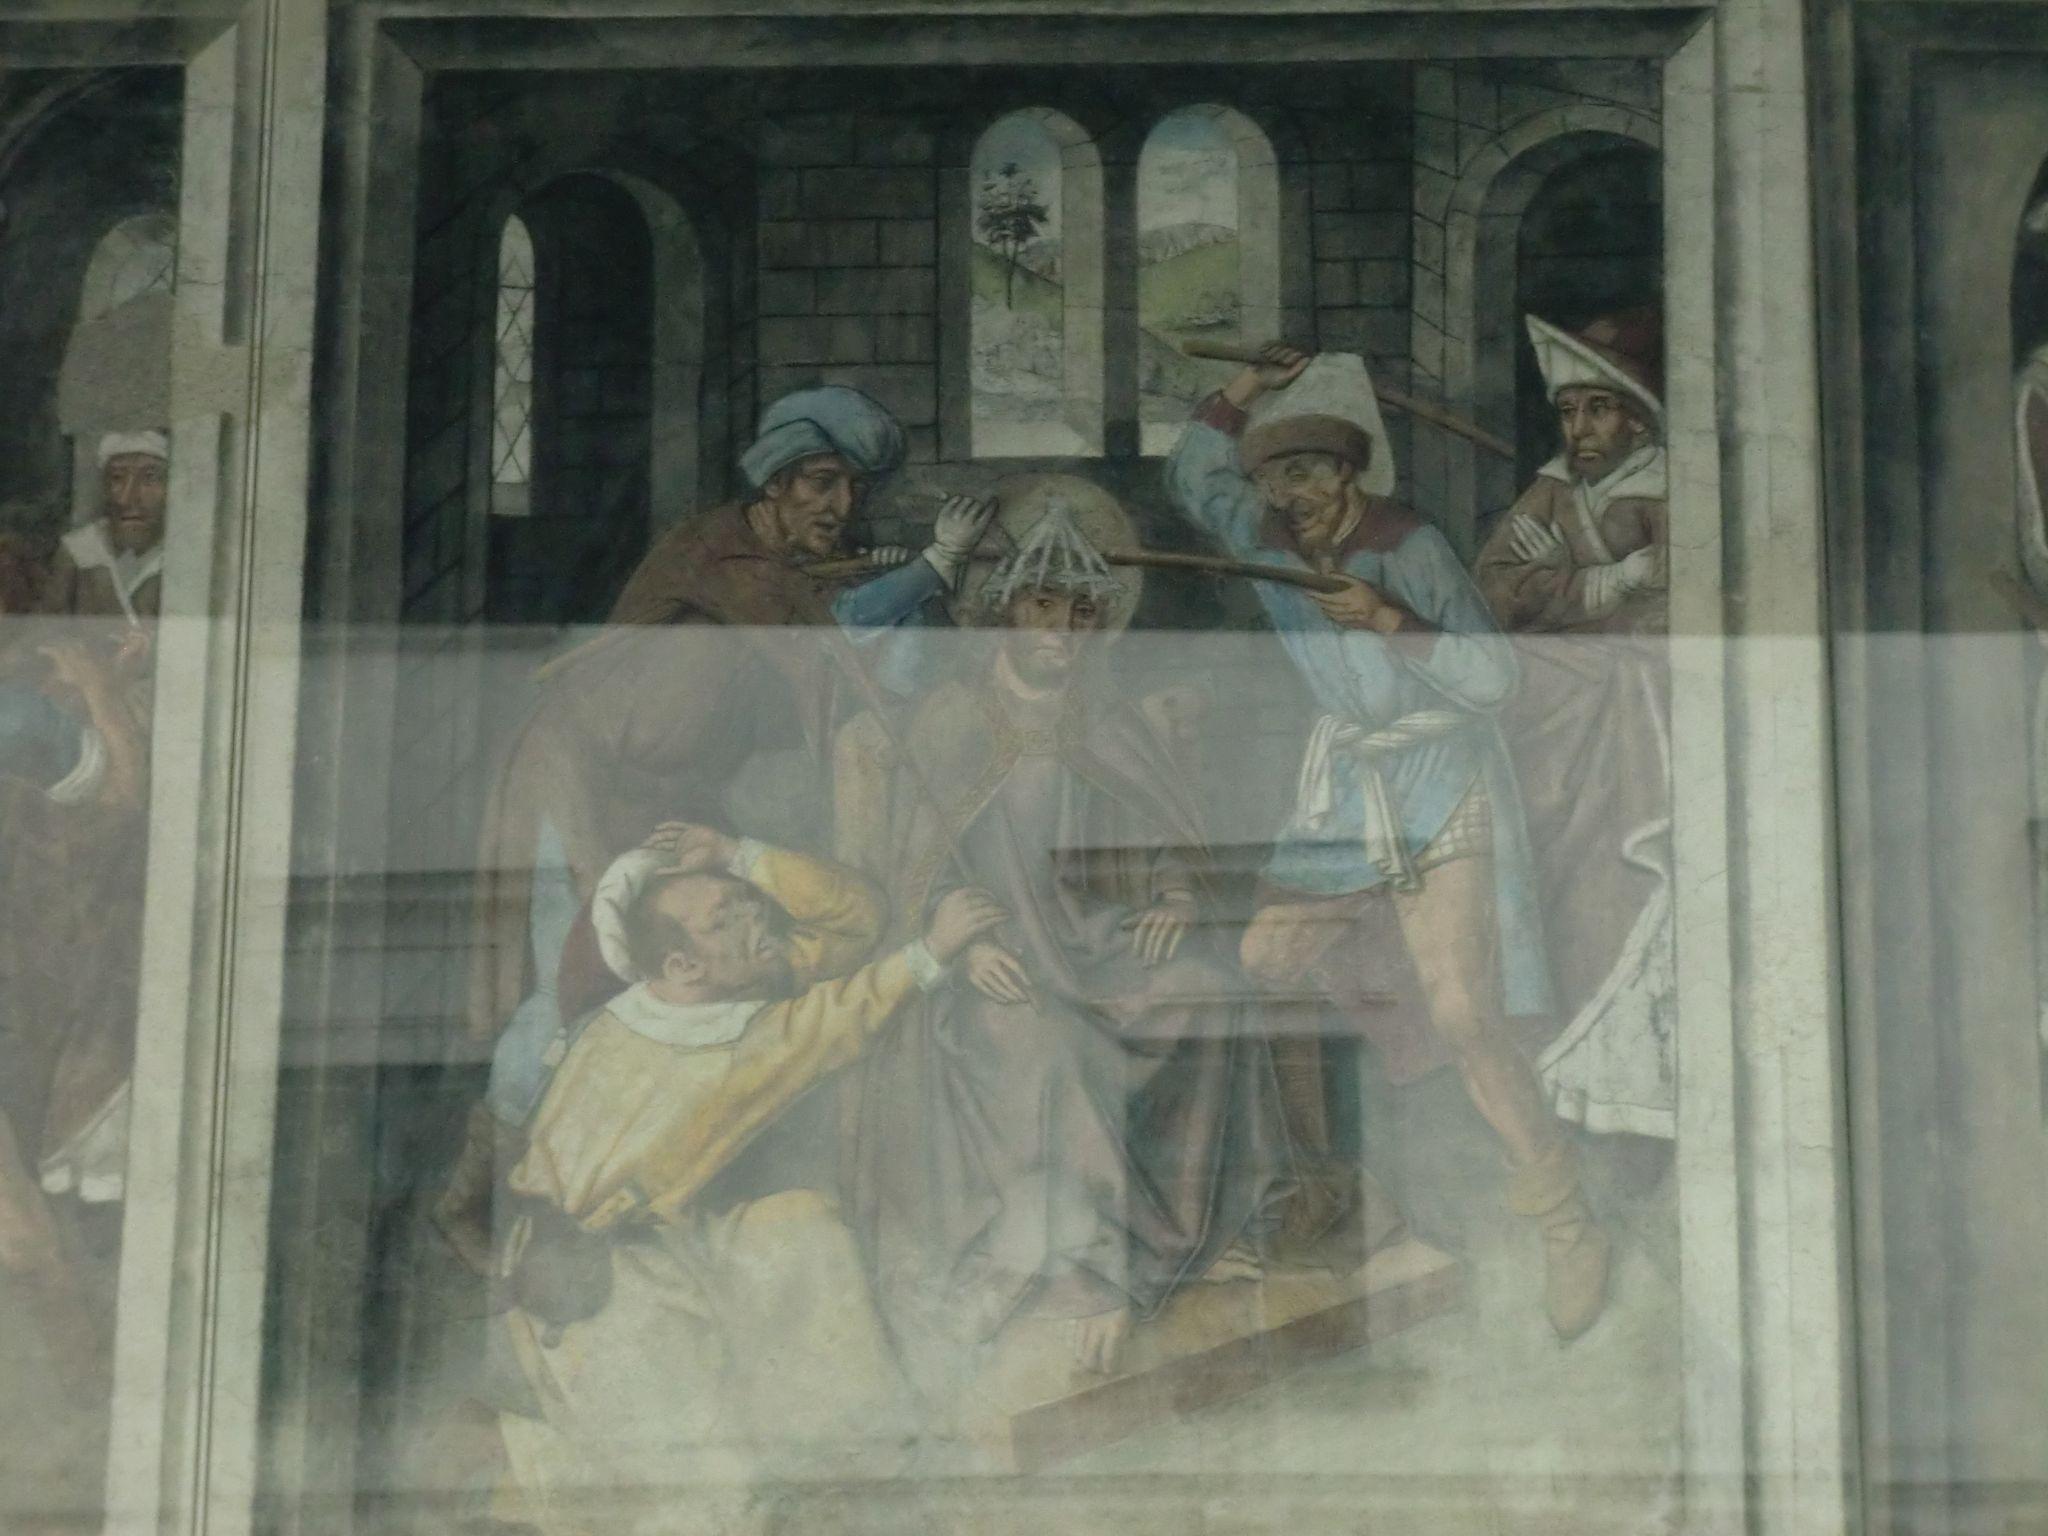 Vienna cathedral 39 1440x1080 - Vienna: elegant beauty